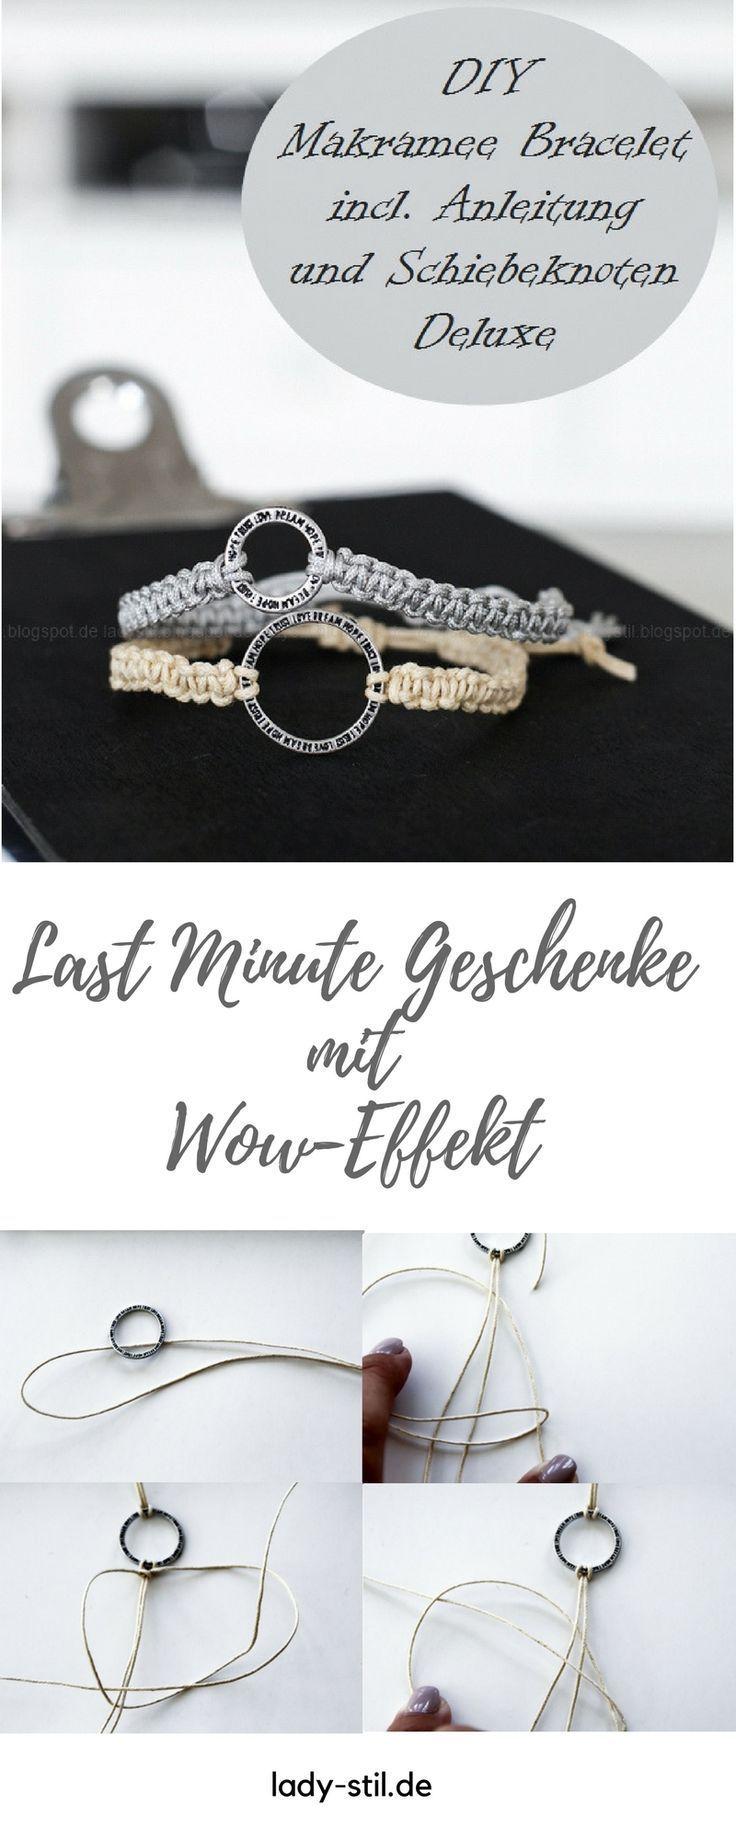 Weihnachtsgeschenke Tipp für Männer und Frauen - DIY Makramee Armbänder und Schlüsselanhänger - Armcandy - lady-stil.de